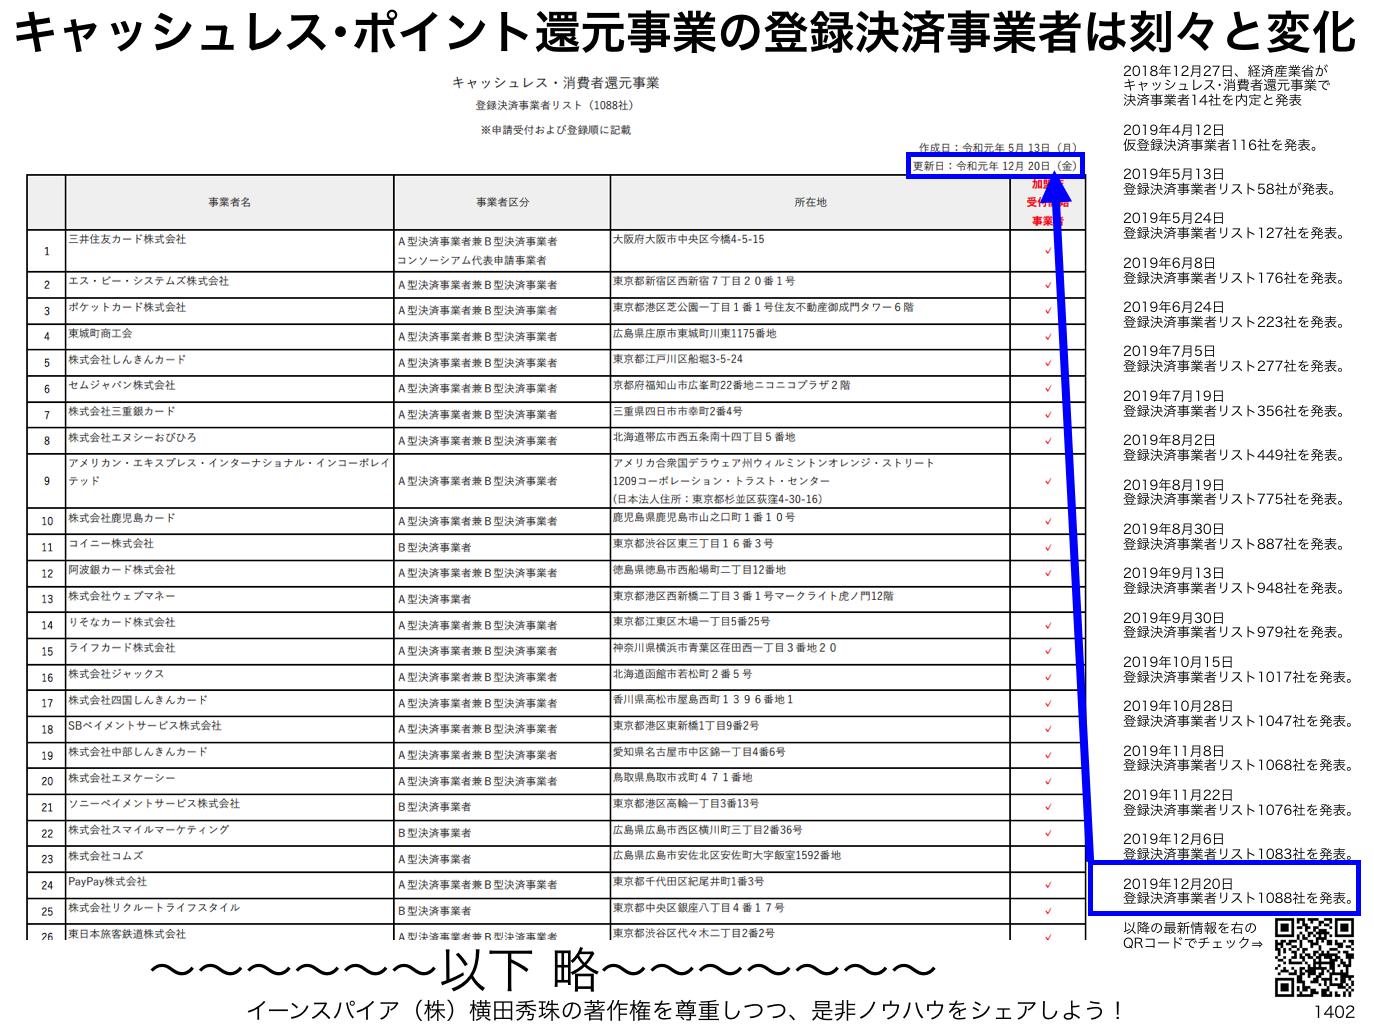 キャッシュレス・消費者還元事業 登録決済事業者リスト1083社